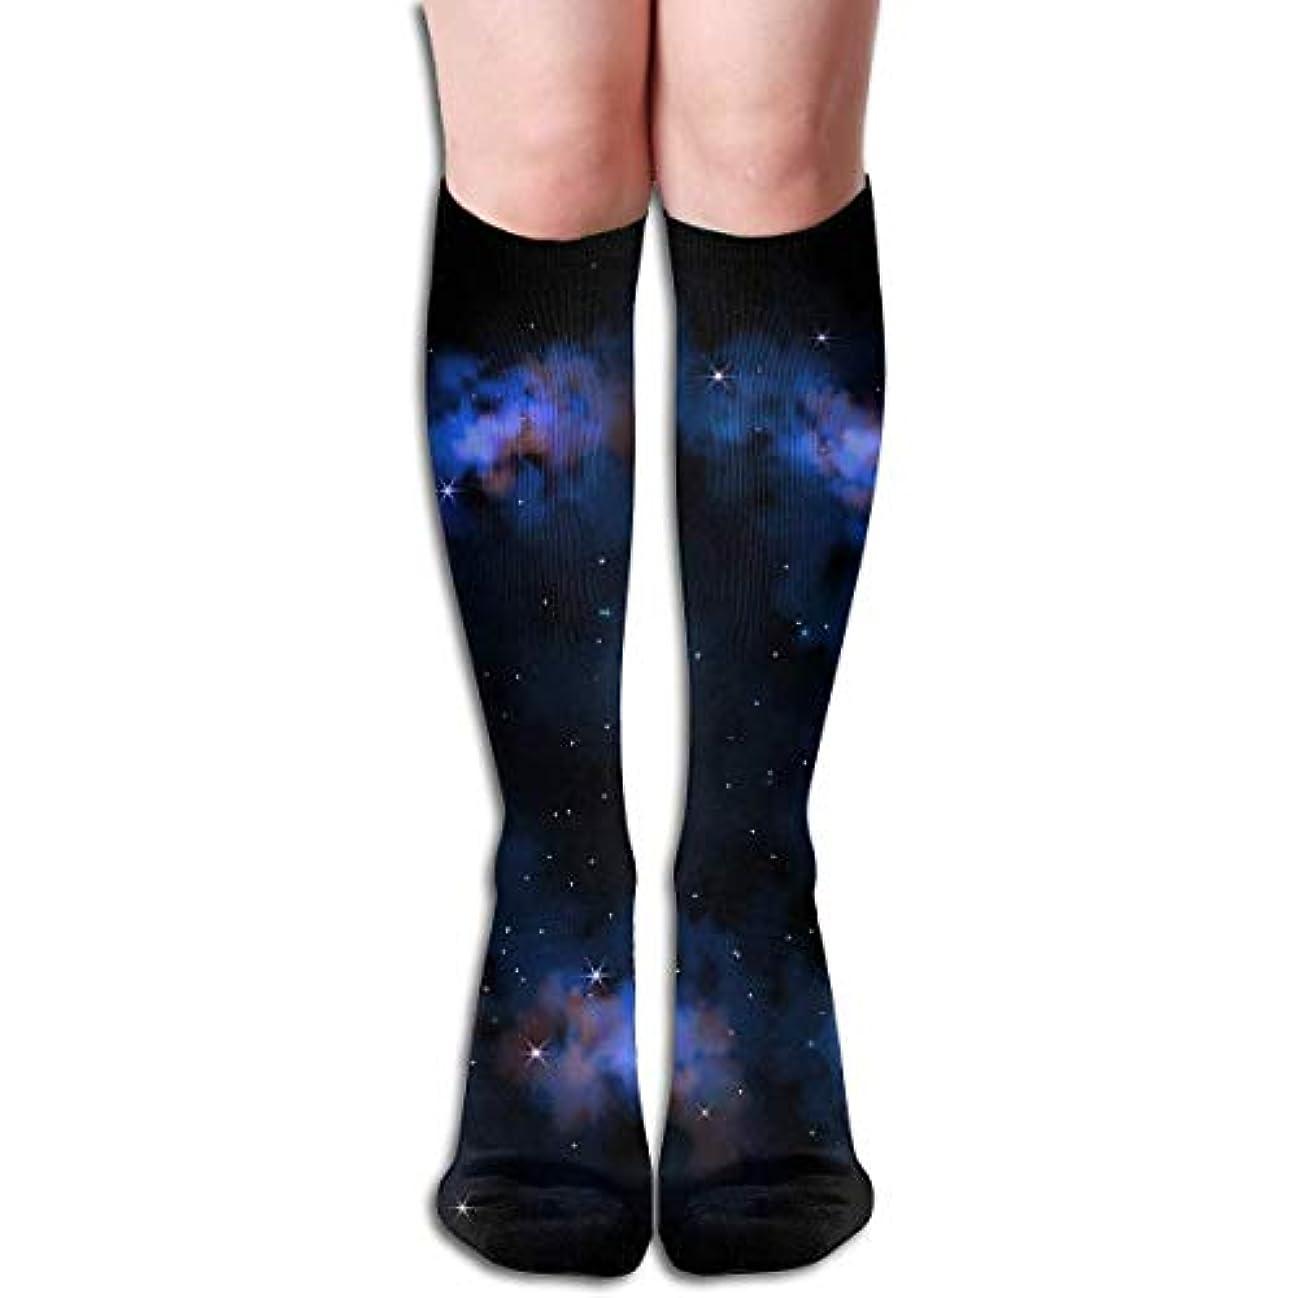 どきどき肯定的真似るqrriyスカイ銀河星チューブストッキングレディース冬暖かい暖かいハイソックスブーツ靴下